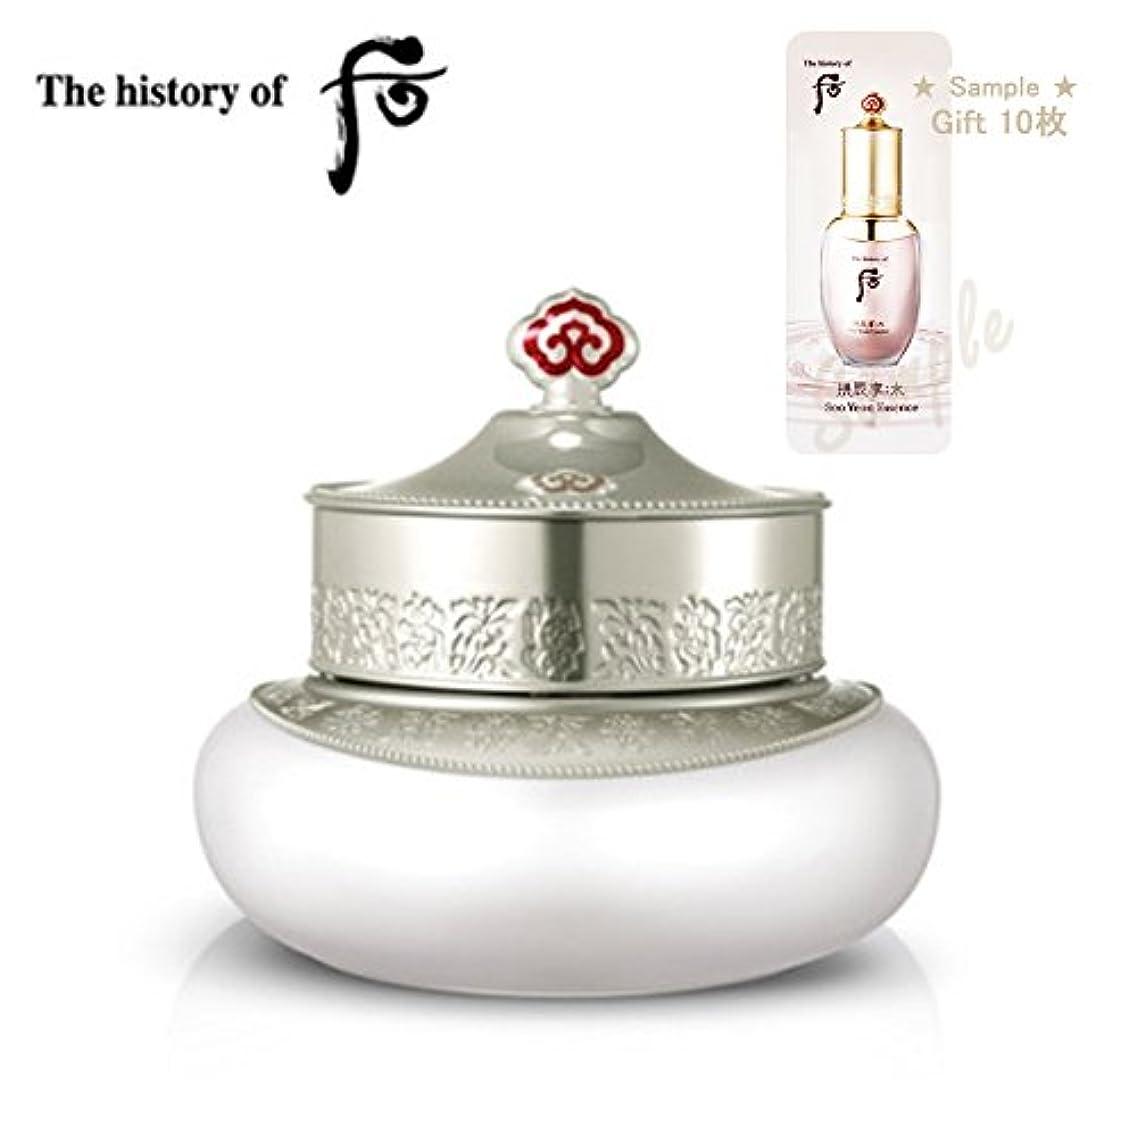 地上のレパートリー体操【フー/The history of whoo] Whoo 后(フー) The history of Whoo Gongjinhyang Seol Snow whitening cream (SPF30/PA ++)/美白 することができ 分光クリーム(SPF30/PA++)+ Sample Gift(海外直送品)